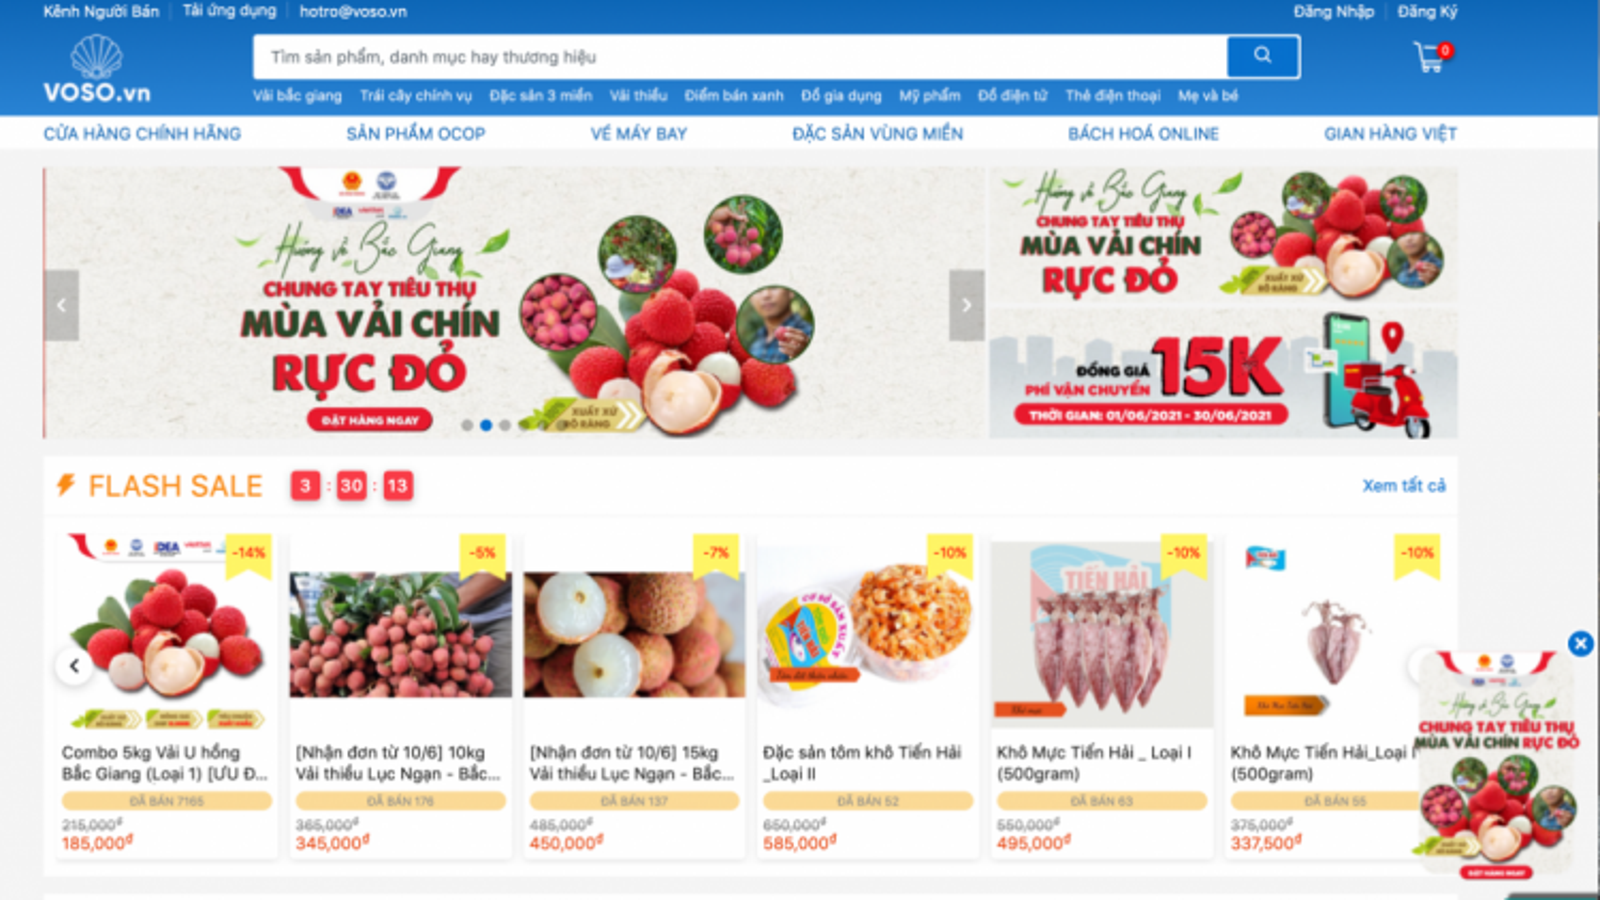 Gian hàng Việt trực tuyến - nền móng của hệ sinh thái thương mại điện tử